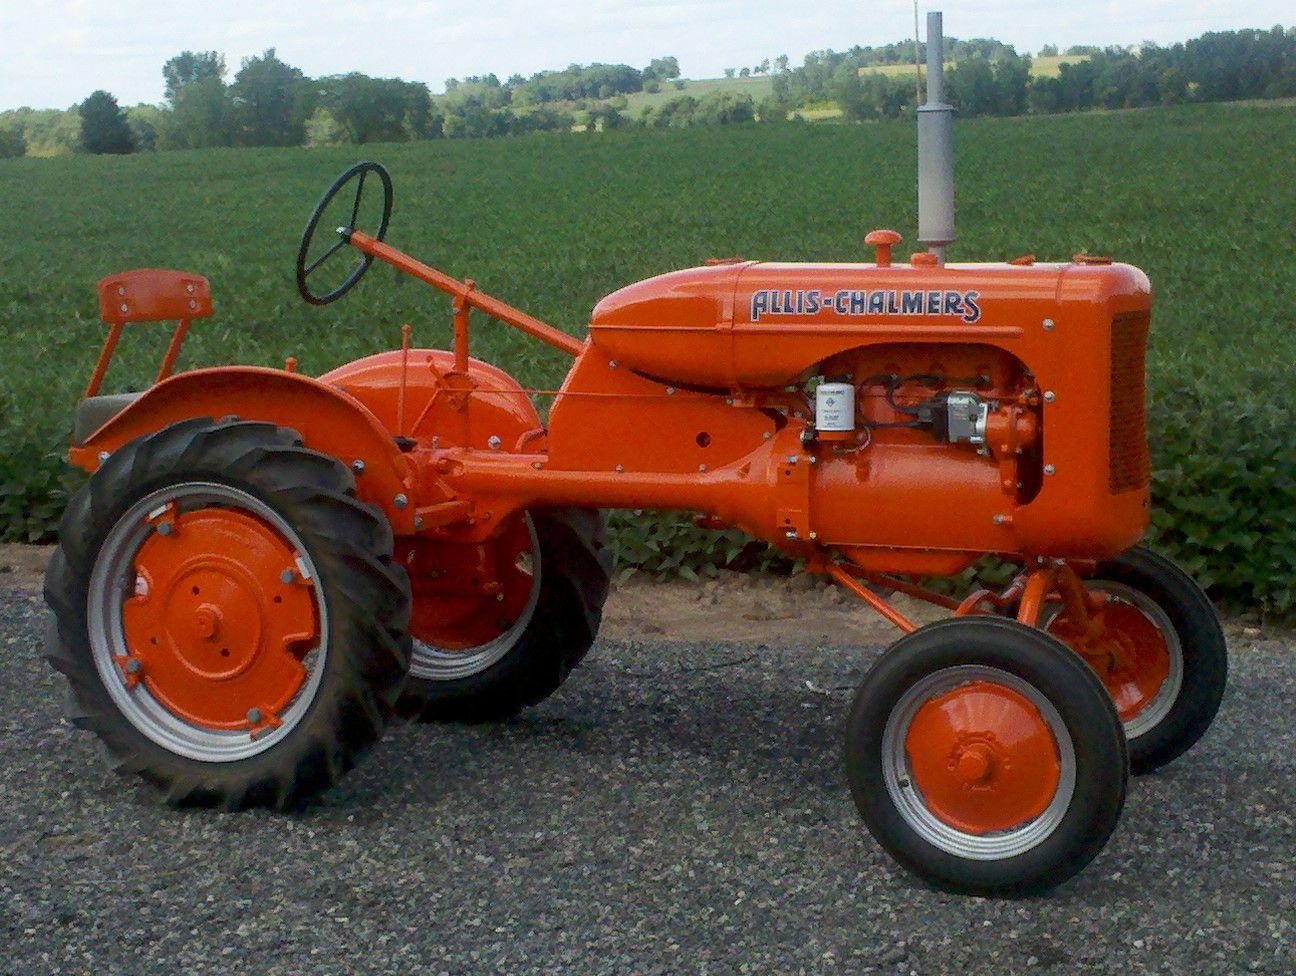 Vintage Allis Chalmers Tractors : Allis chalmers tractor hľadať googlom